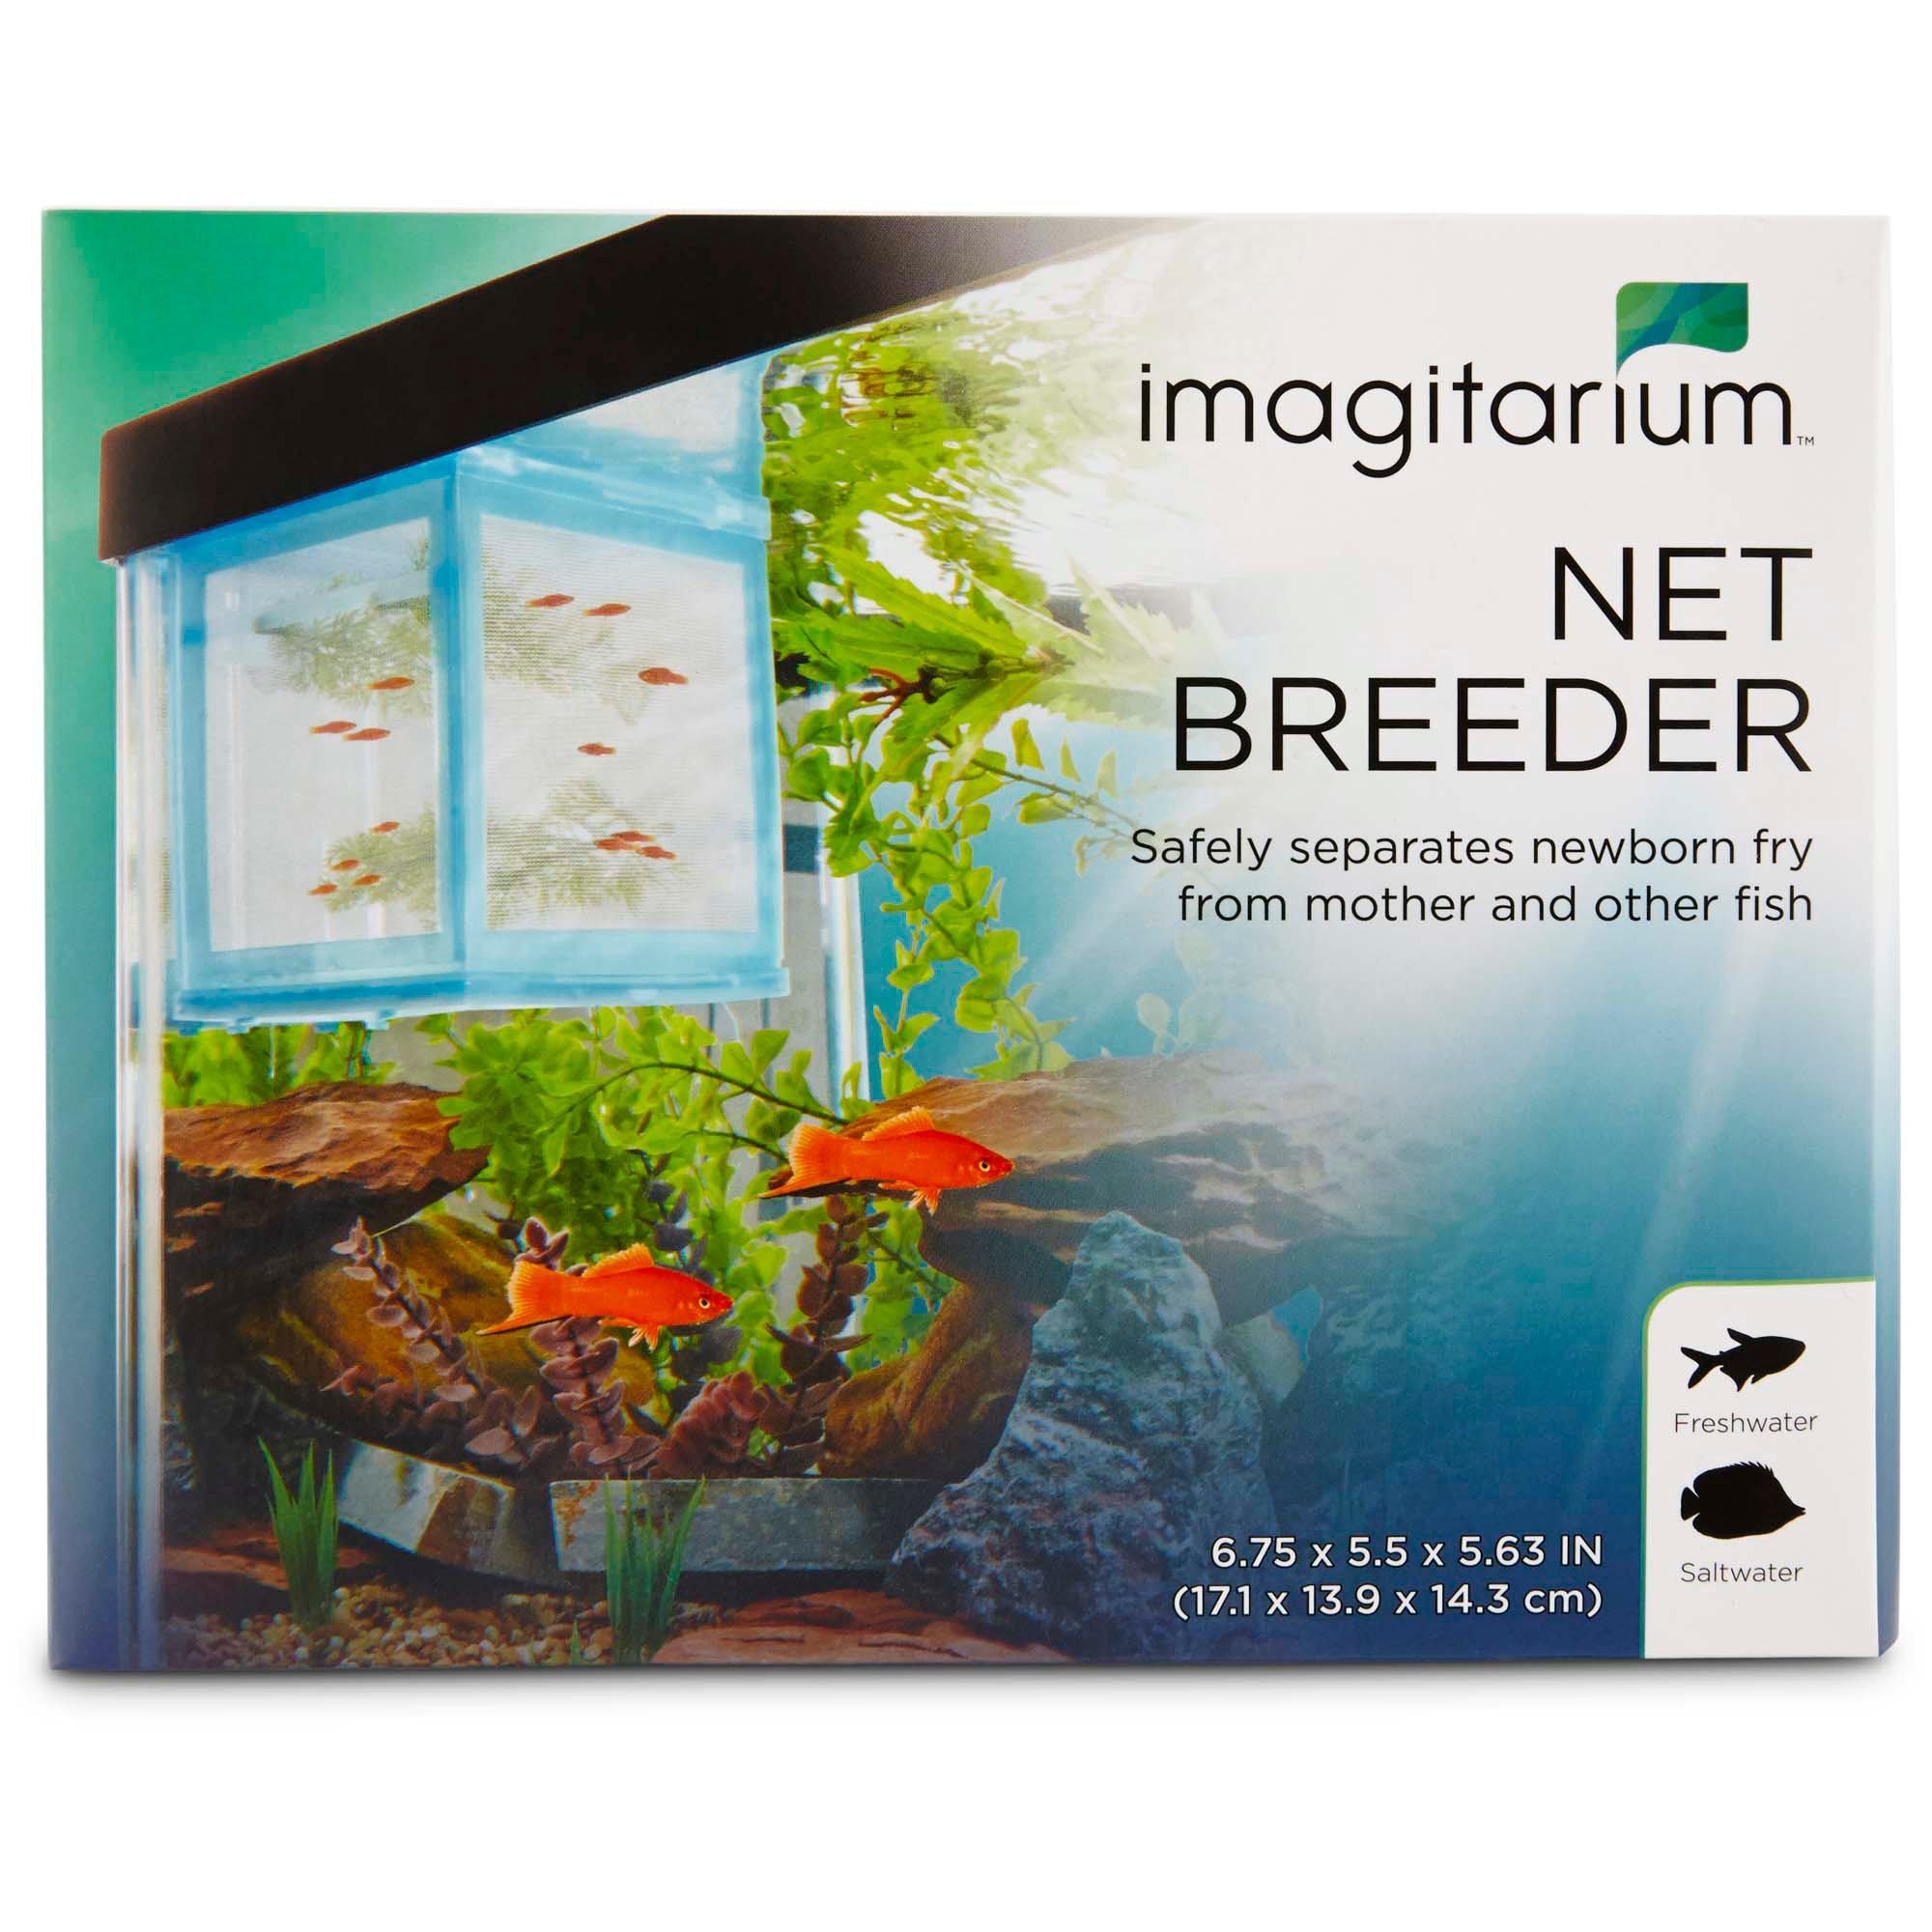 Imagitarium aquarium net breeder petco for Fish breeding net